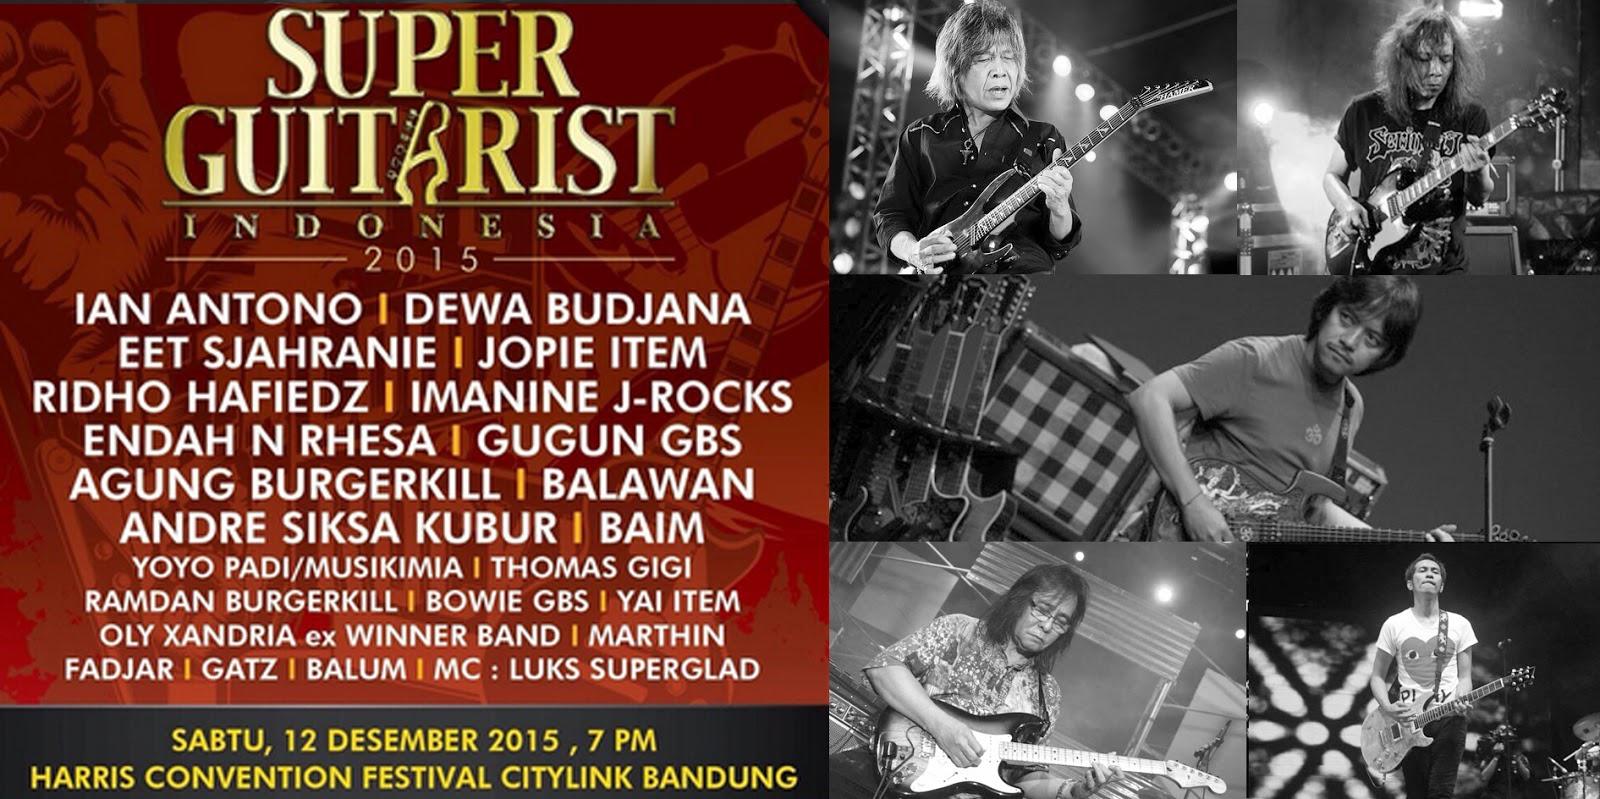 Super Guitarist Indonesia 2015 di Hotel Harris Festival Citylink, 12 Desember 2015